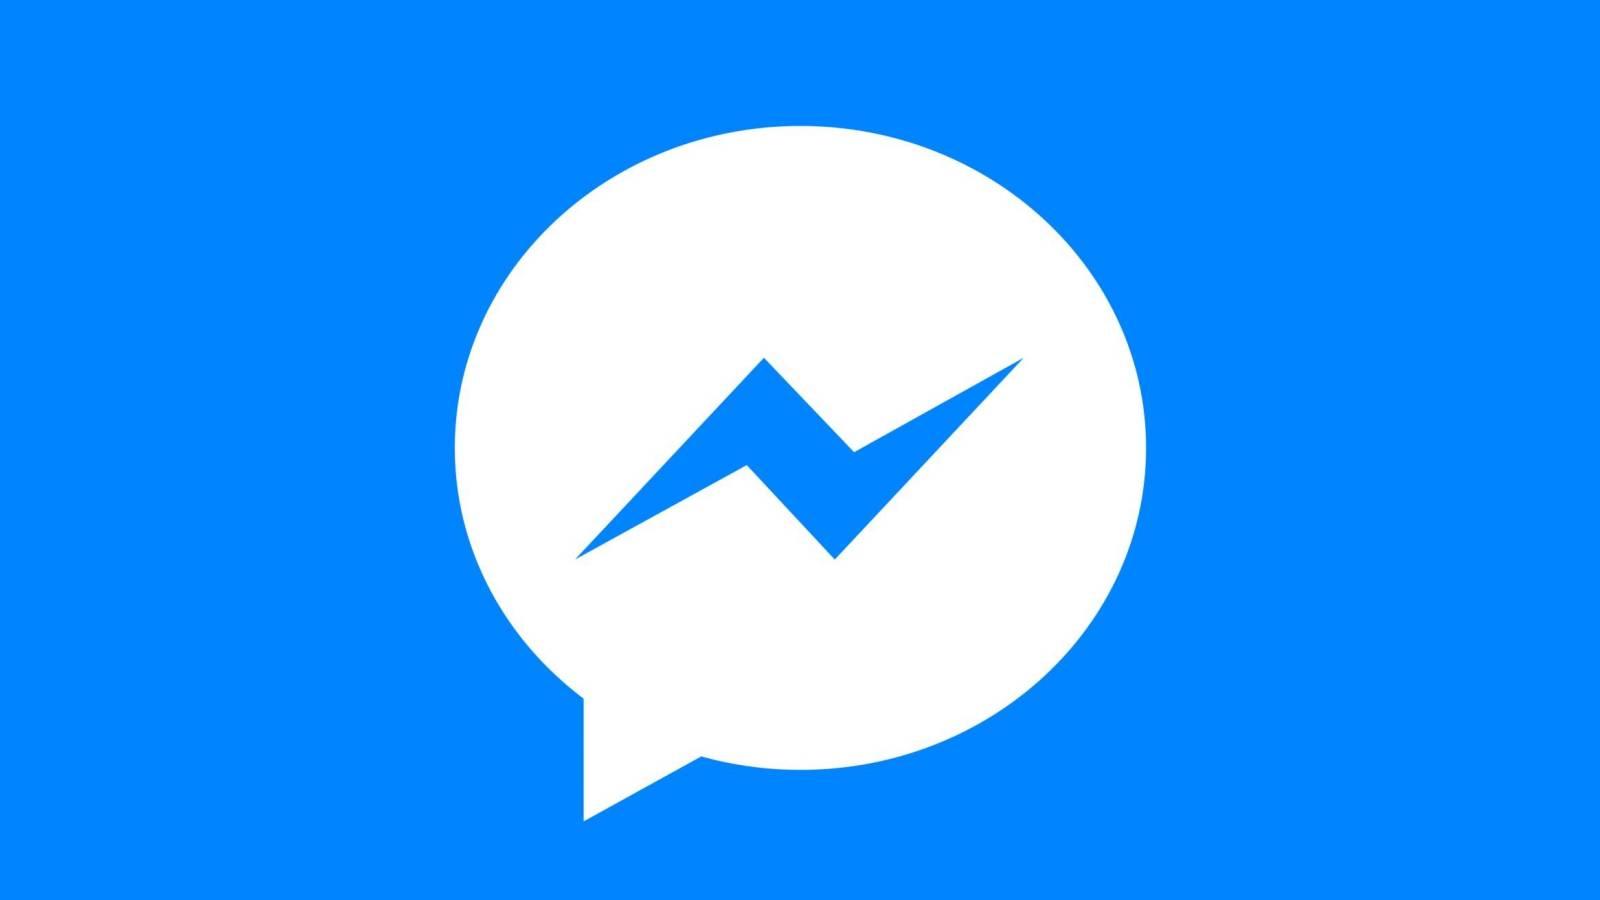 Facebook Messenger Actualizarea Noua pentru Telefoane, iata cu ce Schimbari Vine